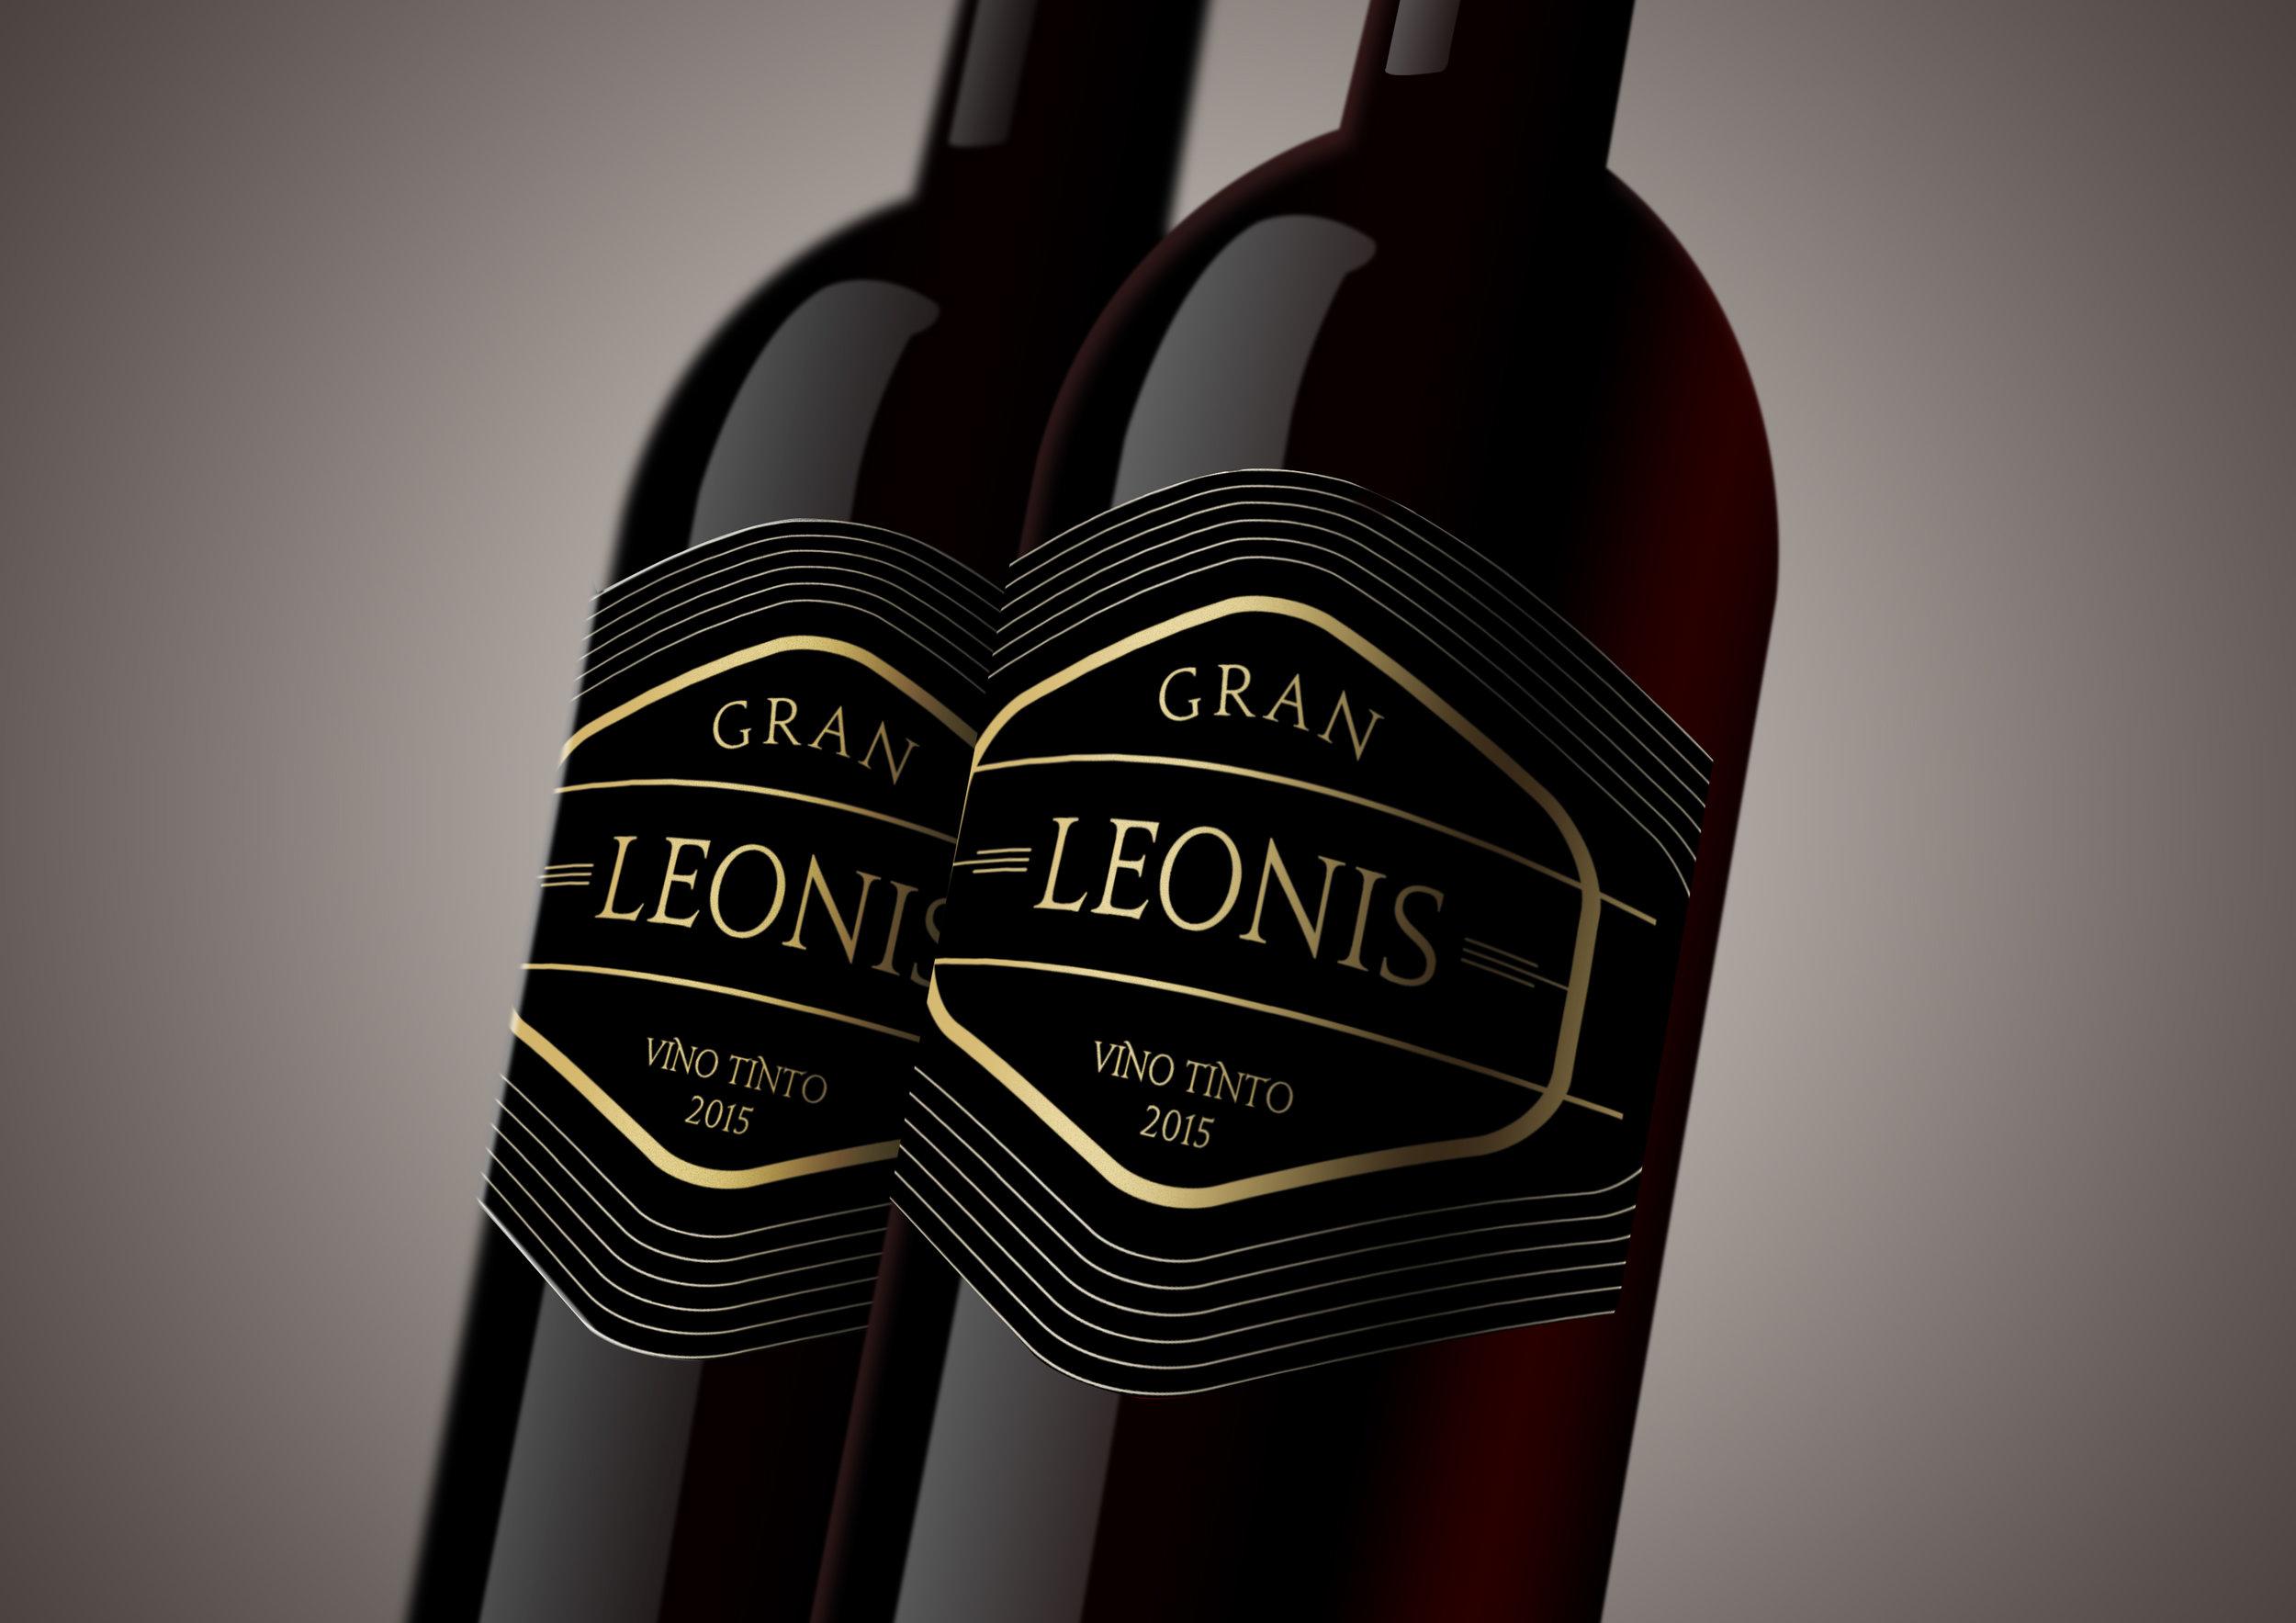 gran leonis bottle shot.jpg